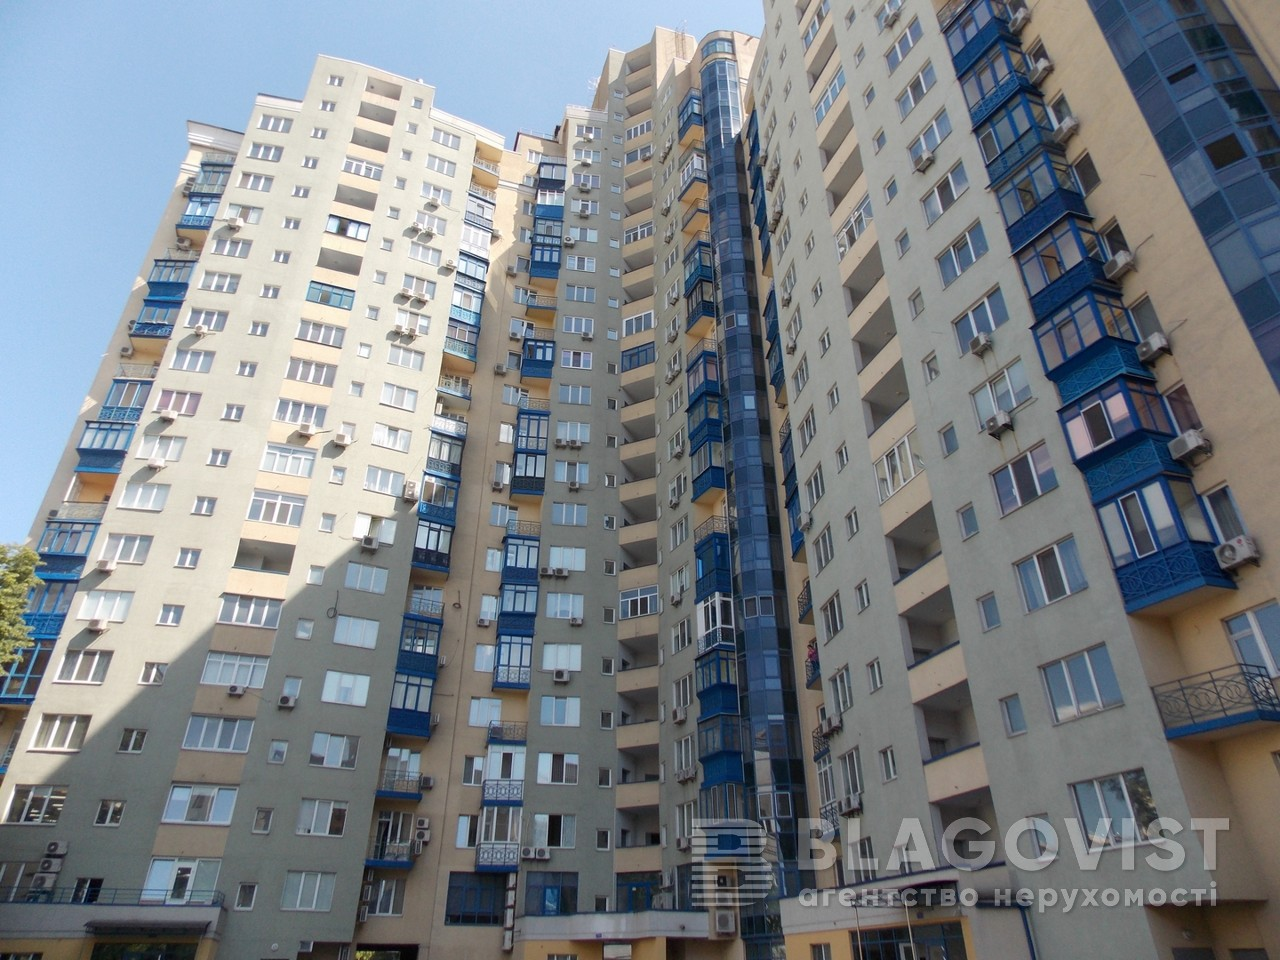 Квартира C-107175, Московская, 46/2, Киев - Фото 4